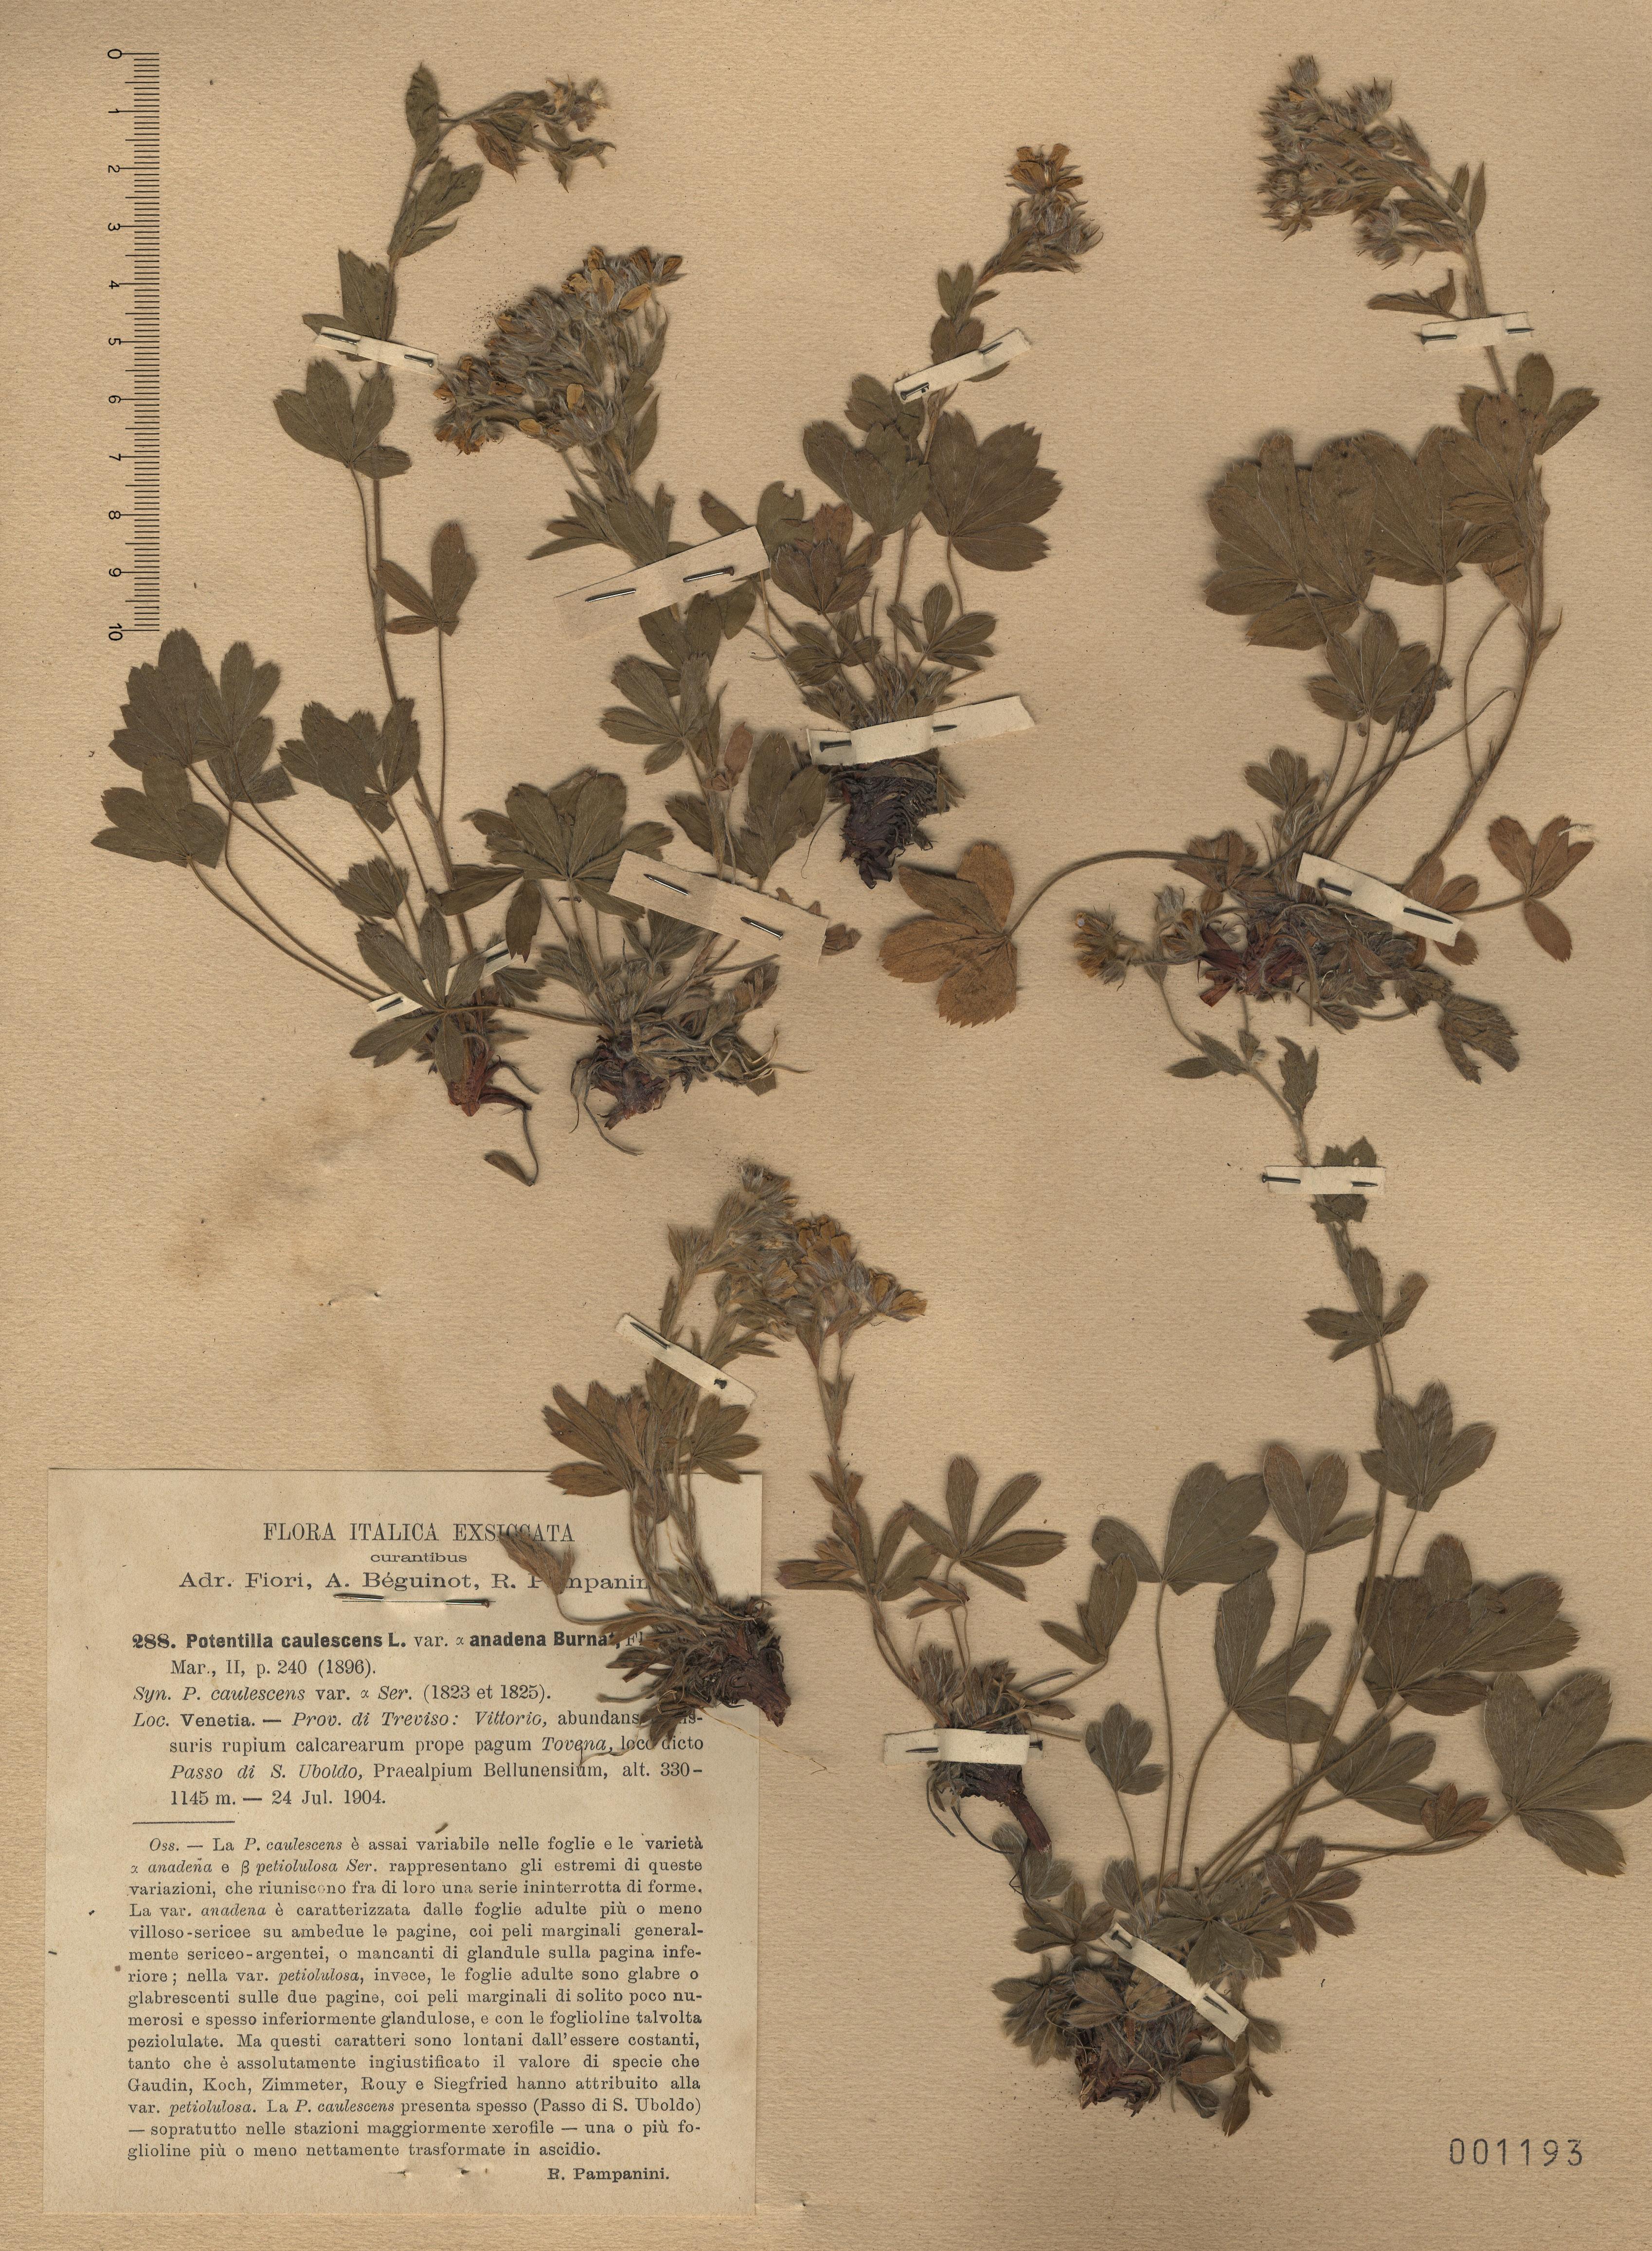 © Hortus Botanicus Catinensis - Herb. sheet 001193<br>